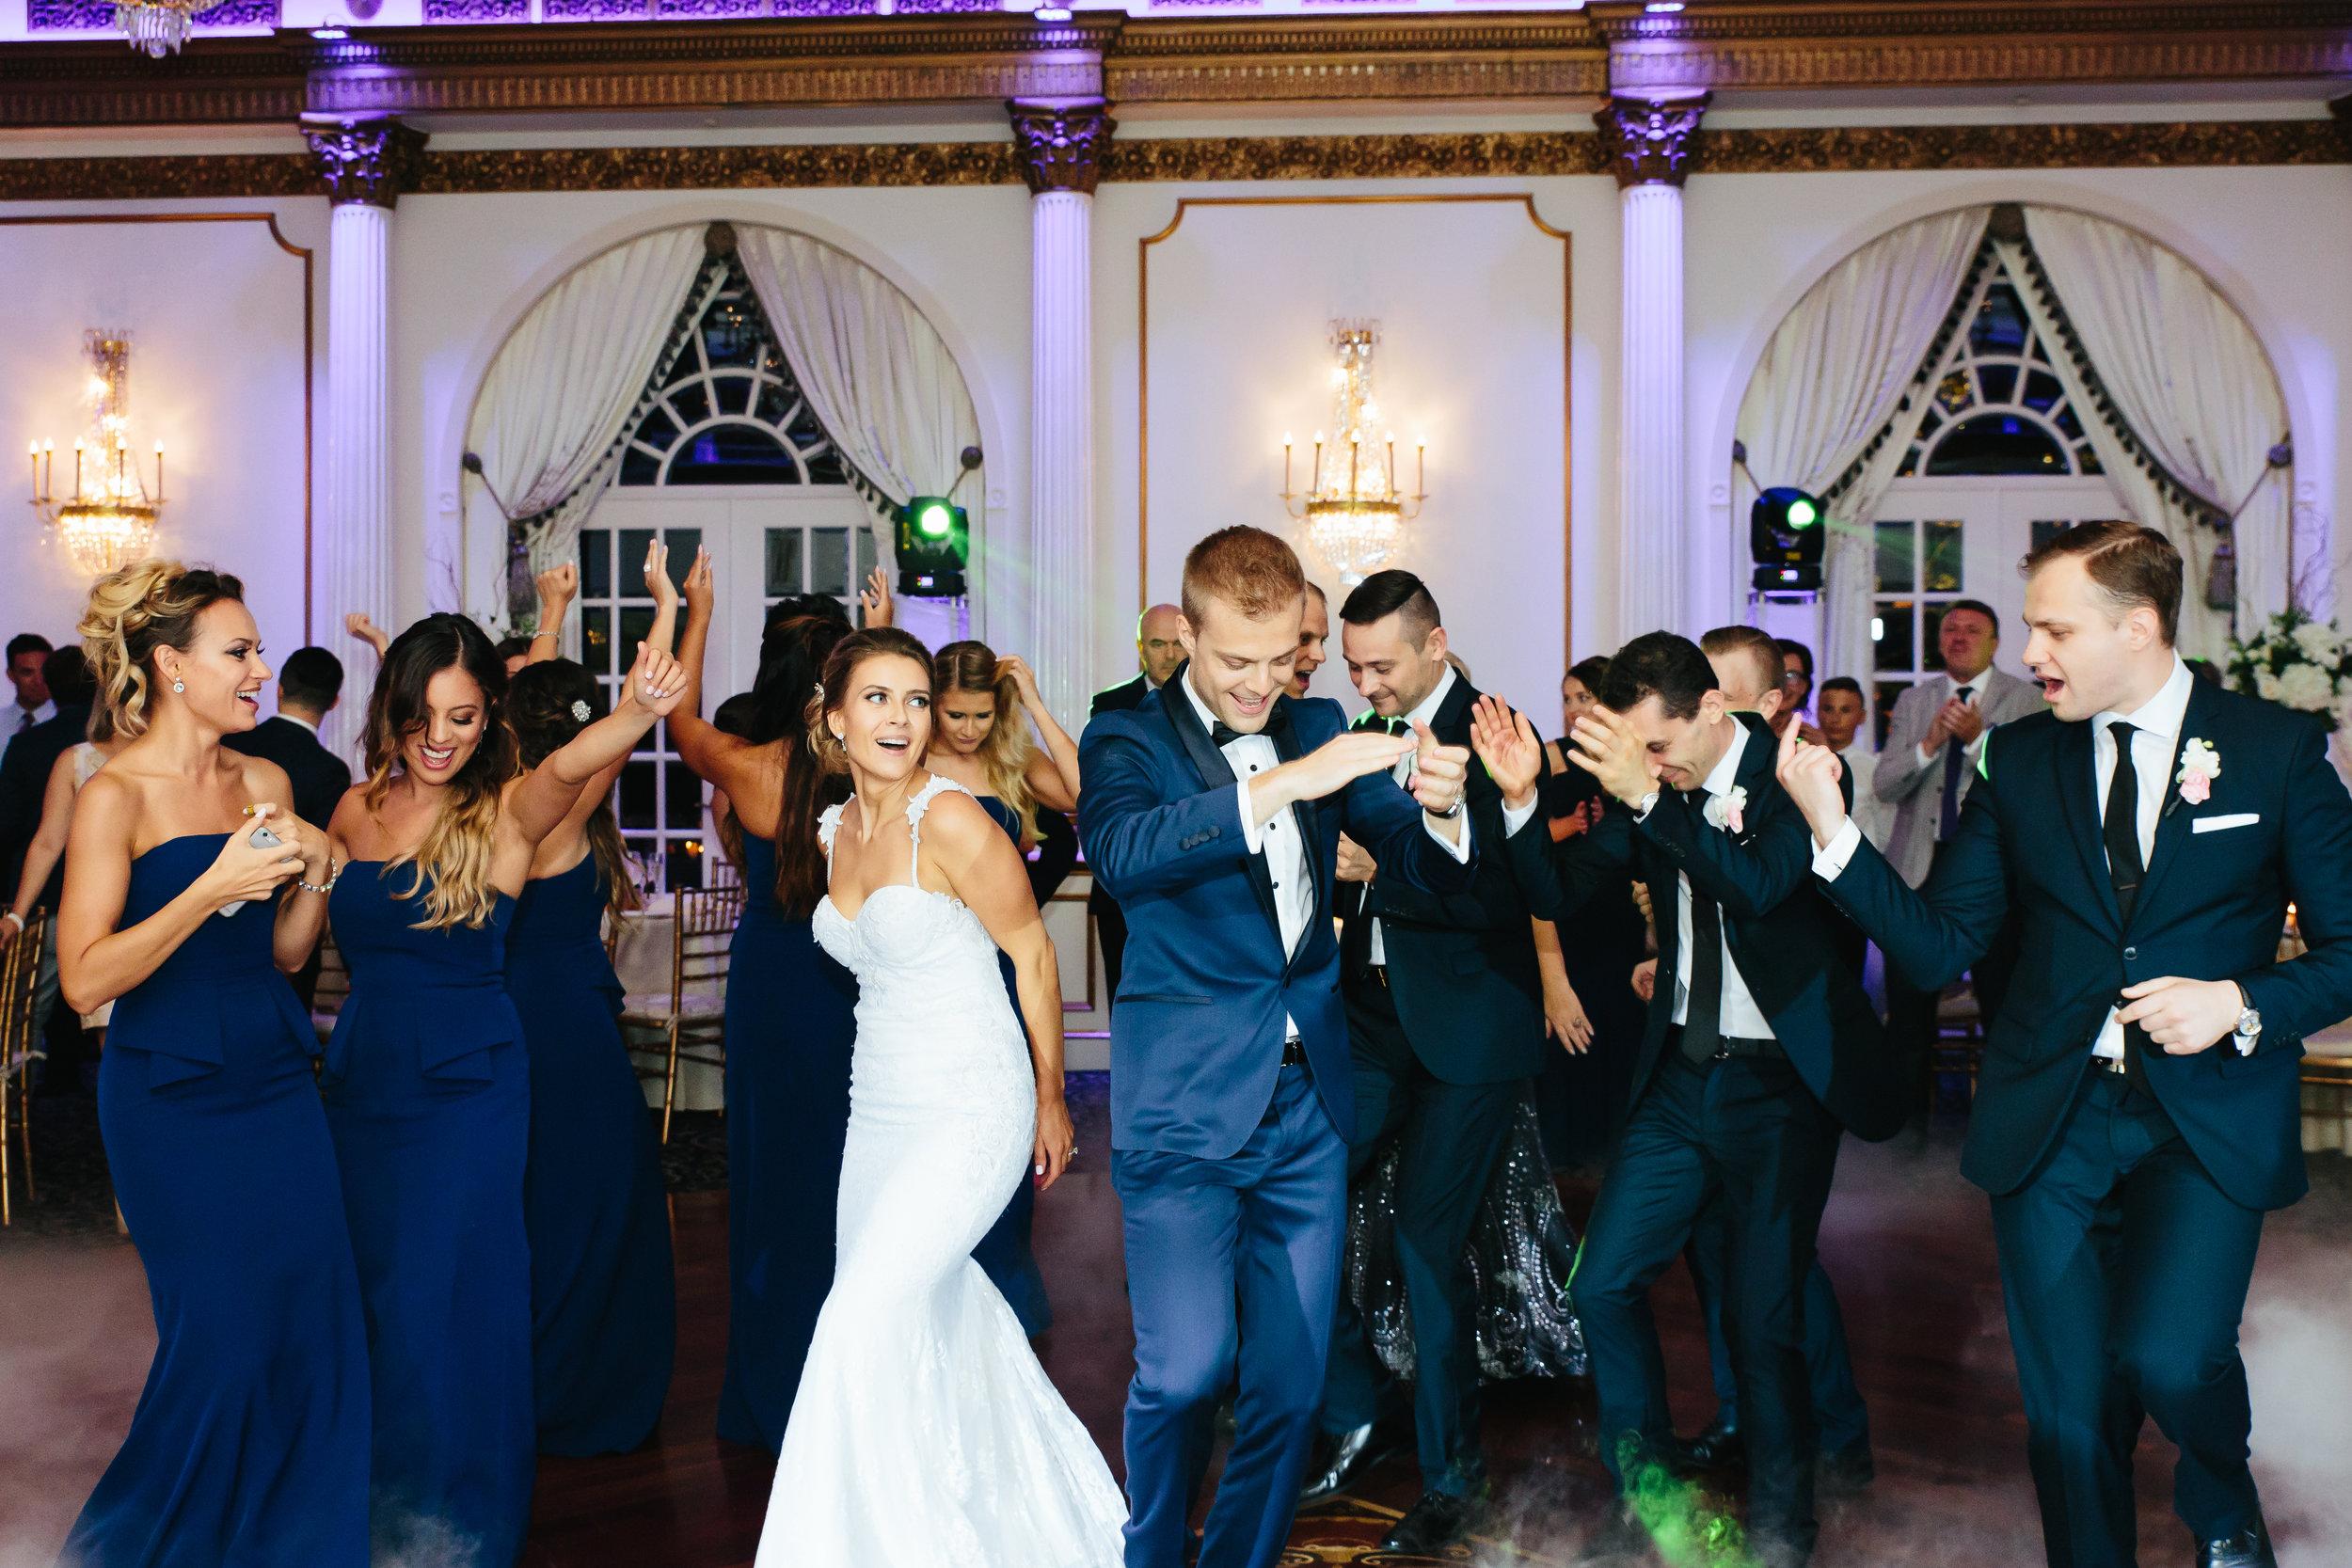 alex-edge-dj-wedding-crystal-plaza-2.jpg